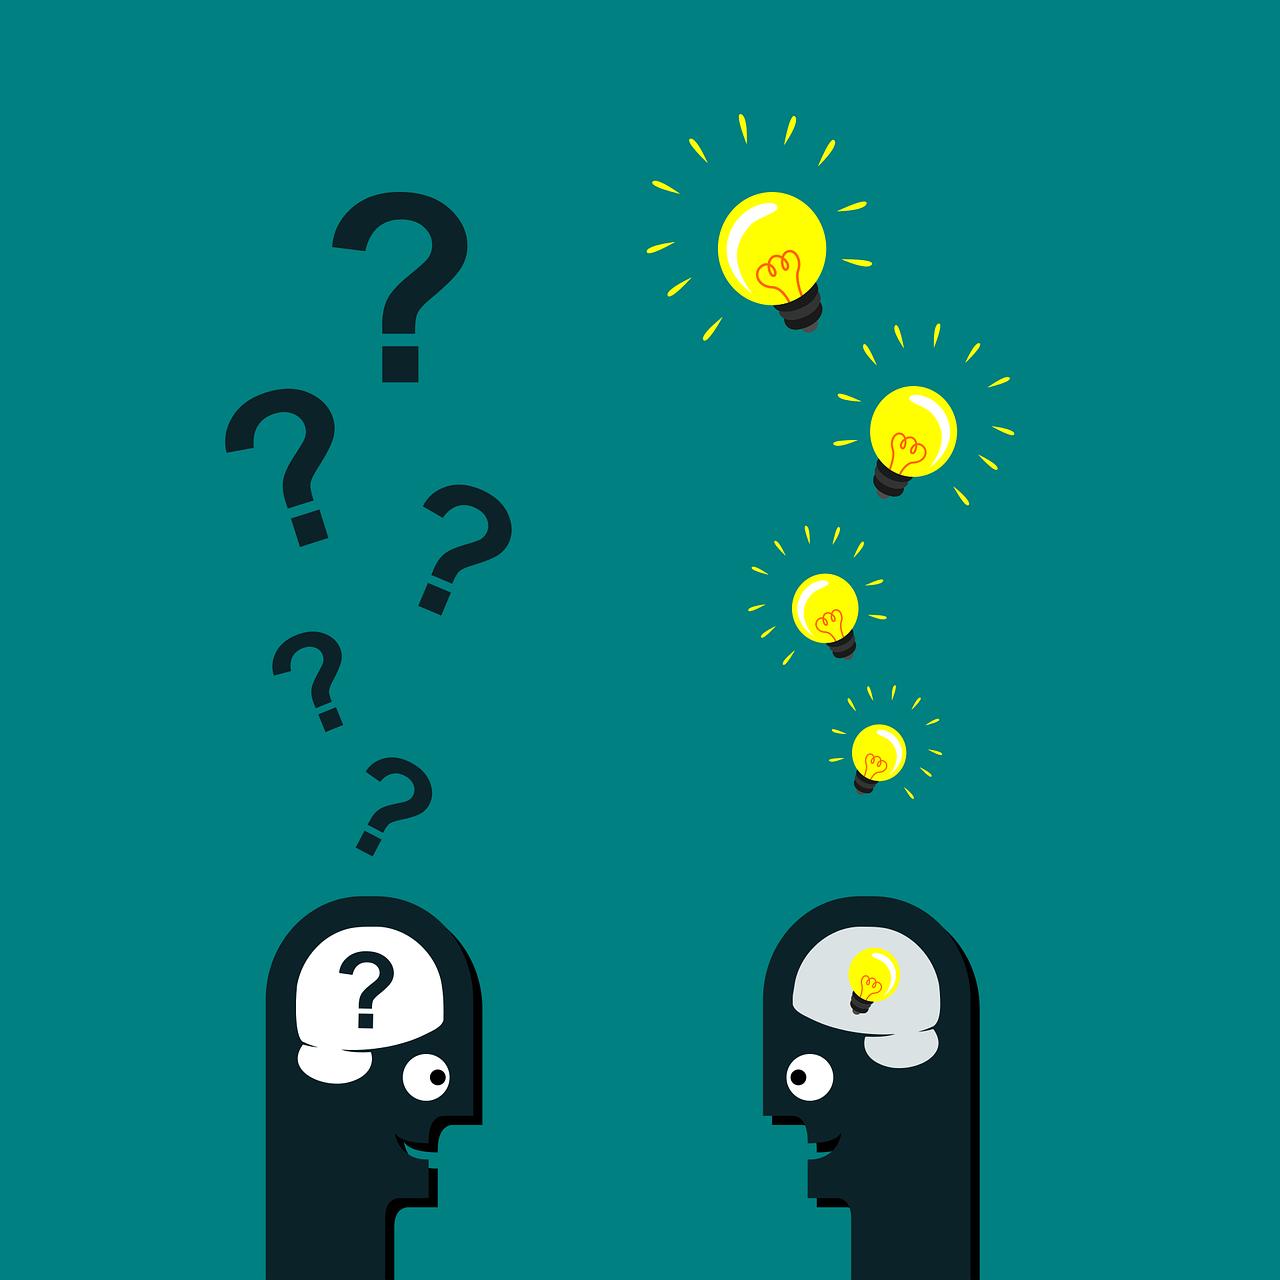 Interrogación bombilla pensamiento pensar